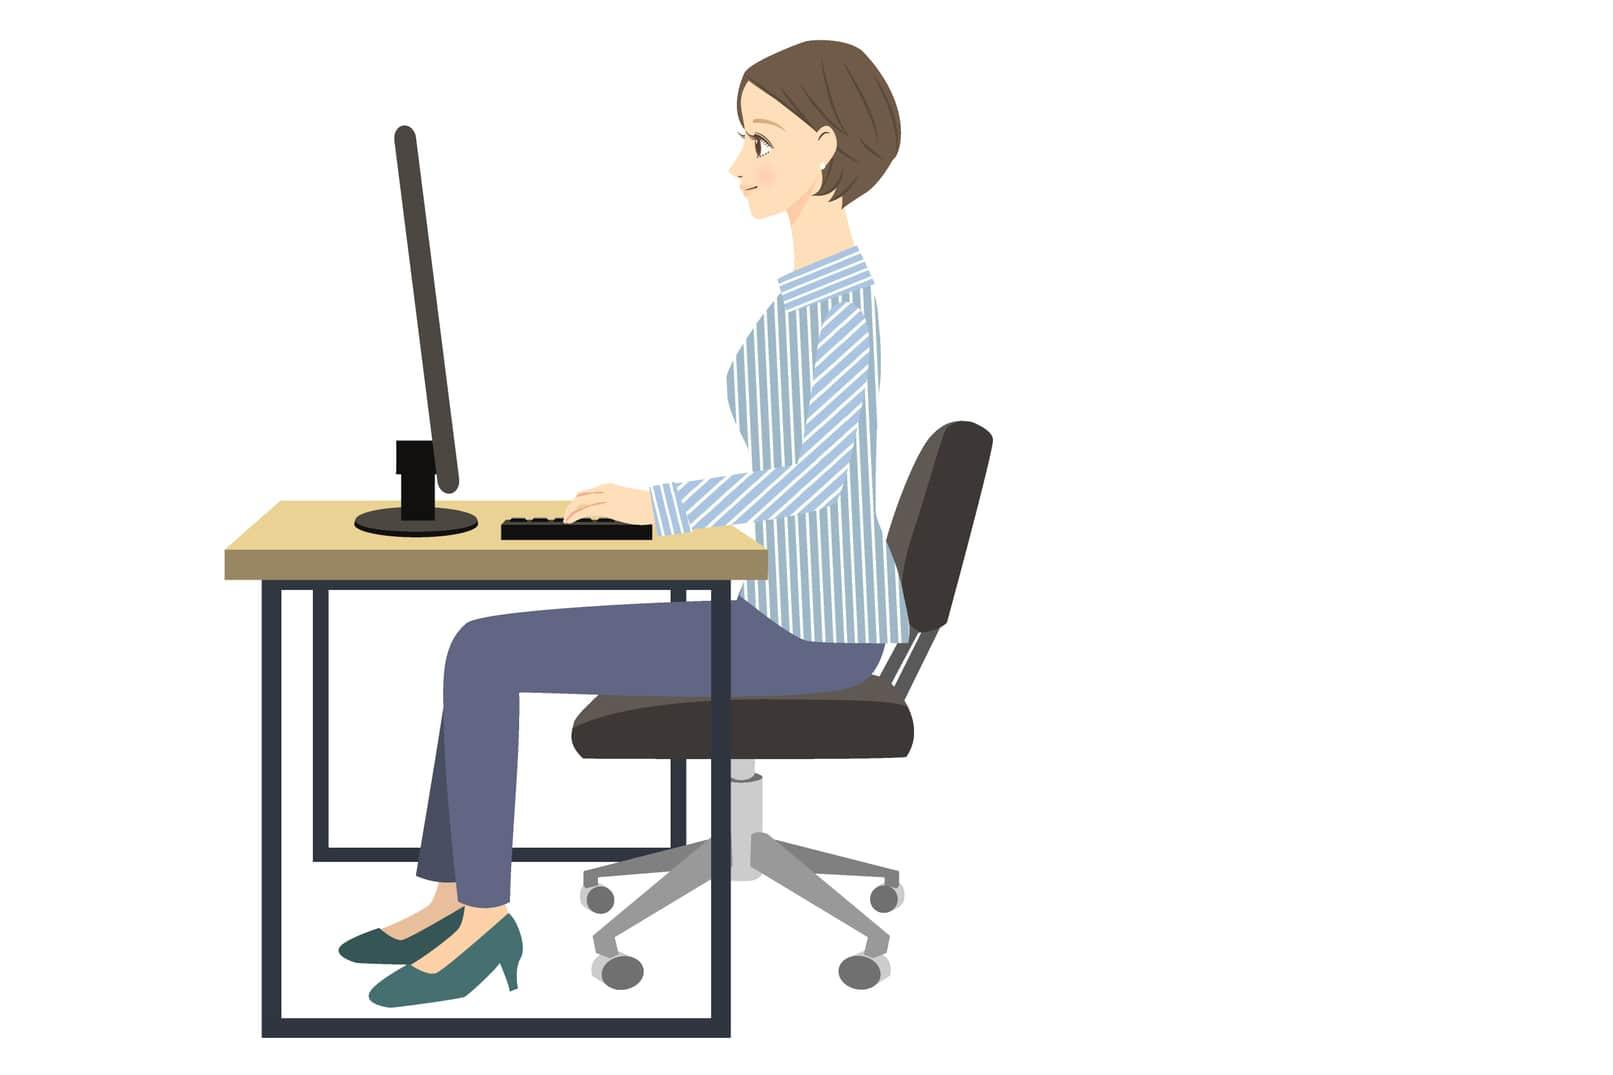 パソコンを使うときの正しい姿勢